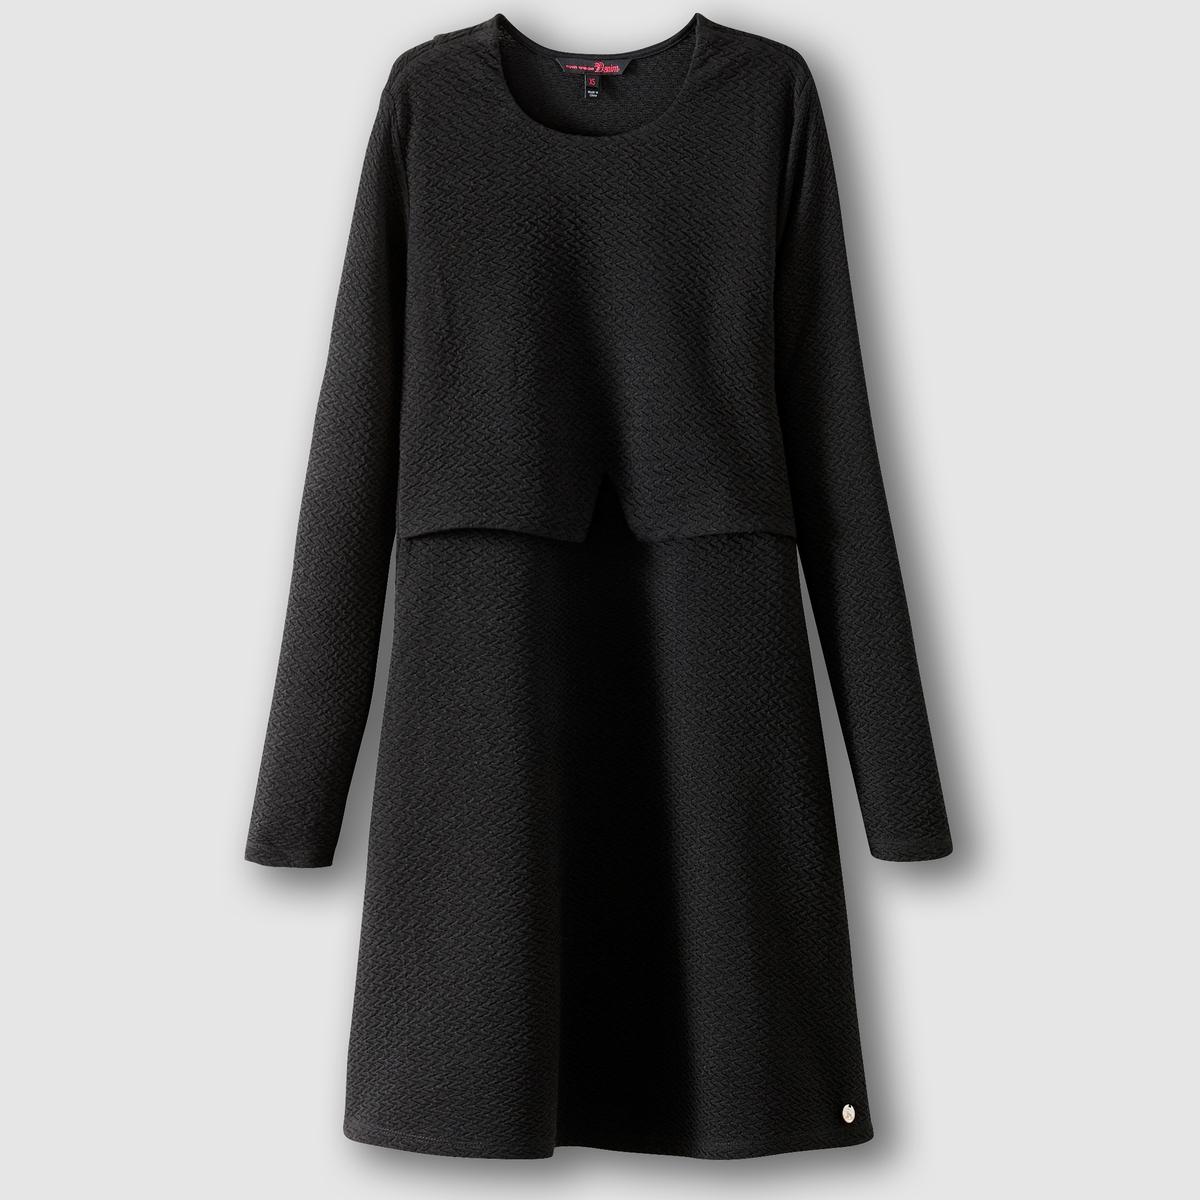 Платье с длинными рукавамиСостав и описание :Материал : 100% полиэстерМарка : TOM TAILOR<br><br>Цвет: черный<br>Размер: L.M